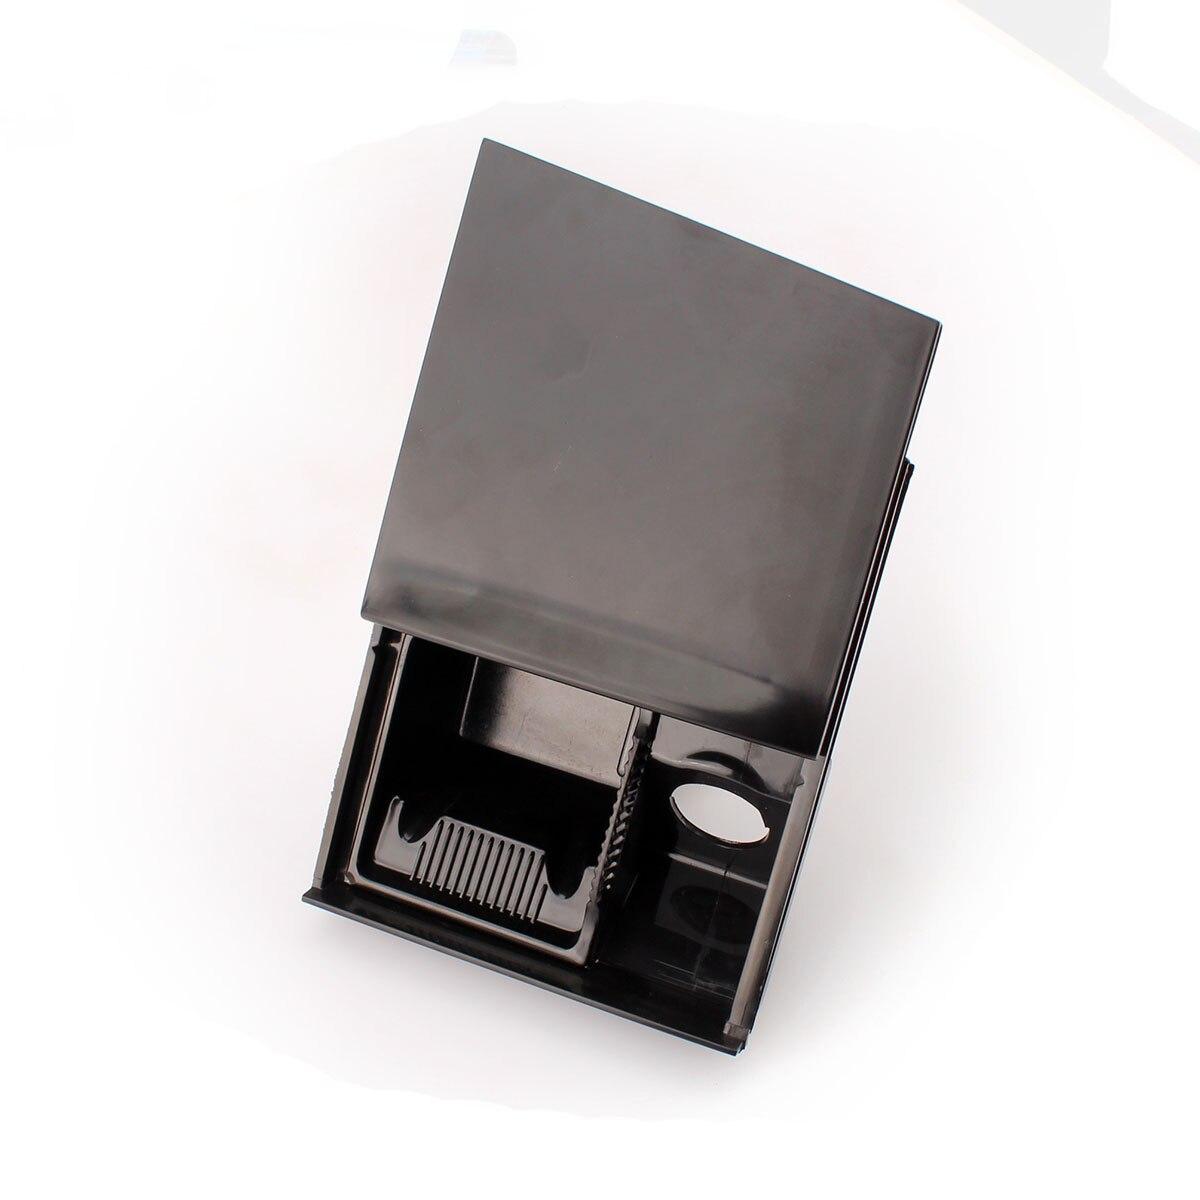 lowest price OEM Black Front Interior Centre Console Car Cigarette Ashtray for VW Volkswagen Jetta Golf Bora MK4 GTI 1J0857961G